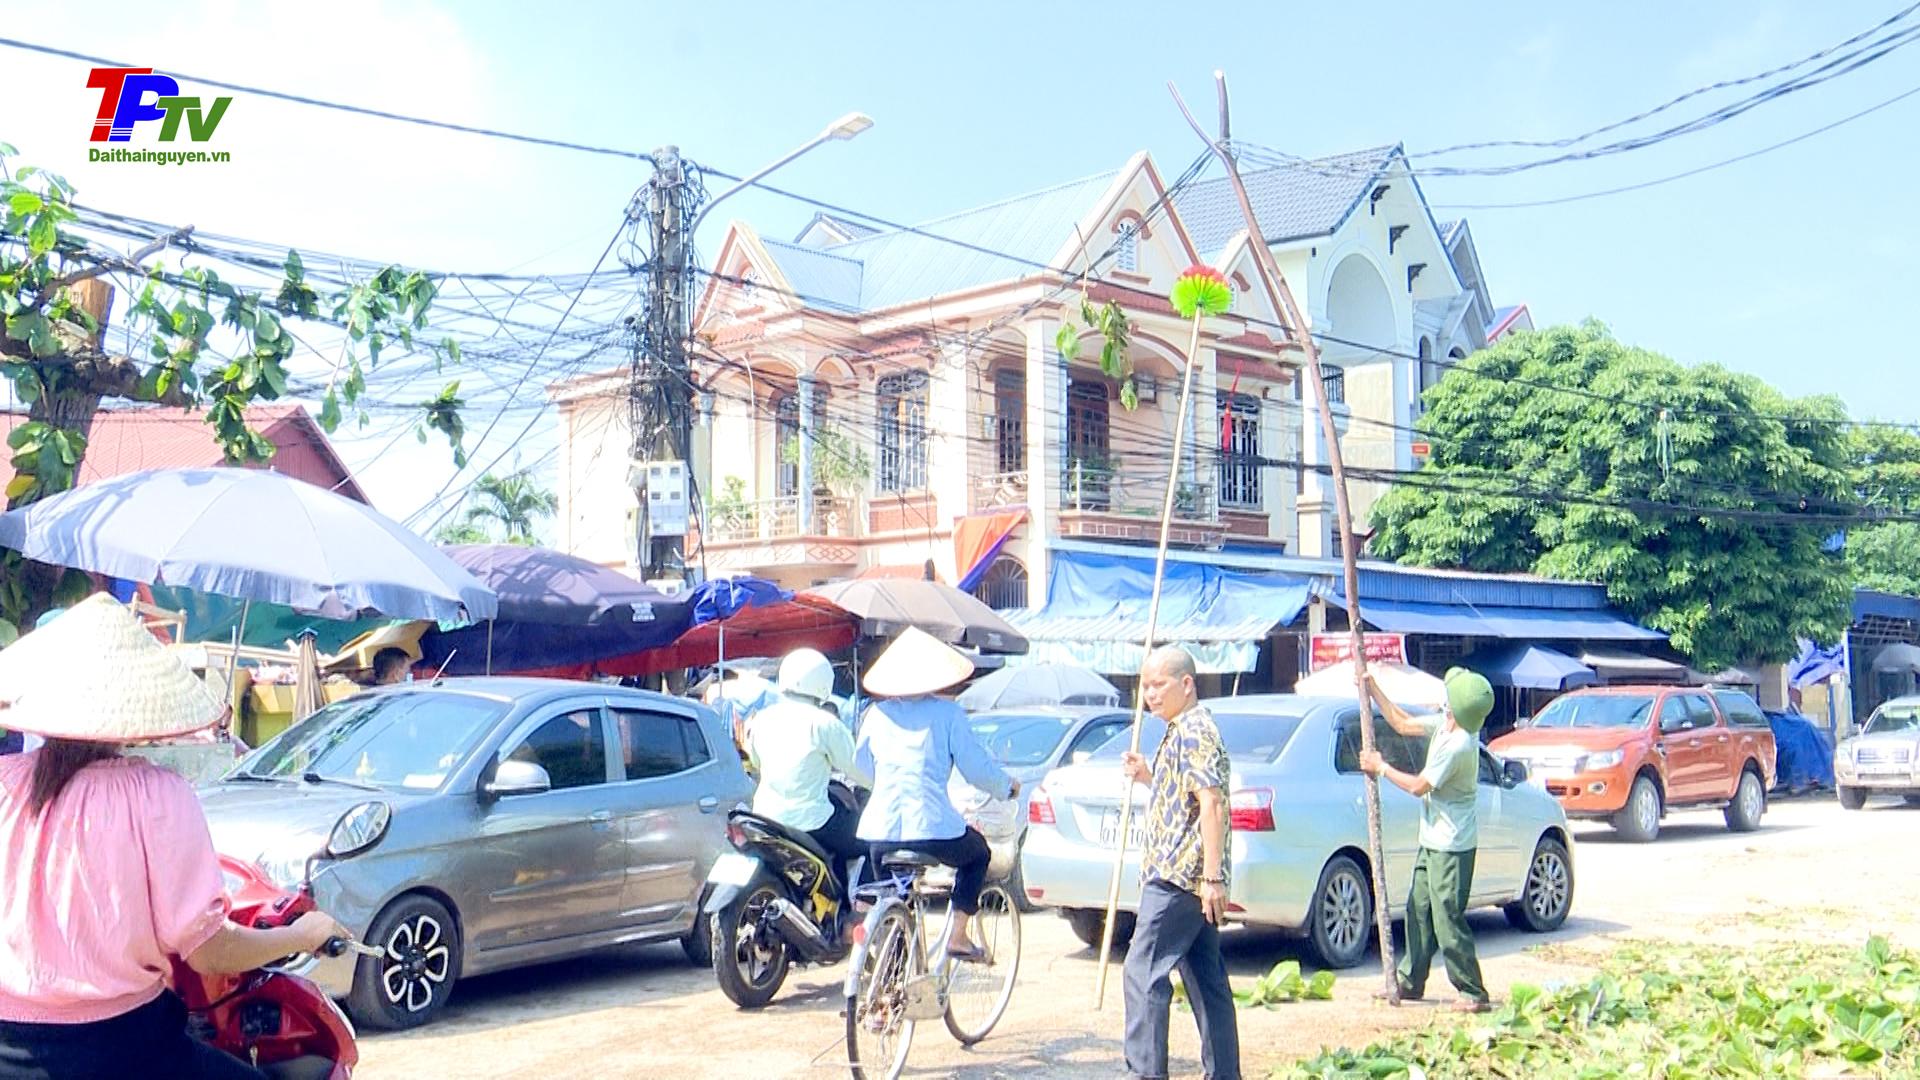 Xã Quyết Thắng khẩn trương khắc phục thiệt hại và sự cố do mưa lốc gây ra.